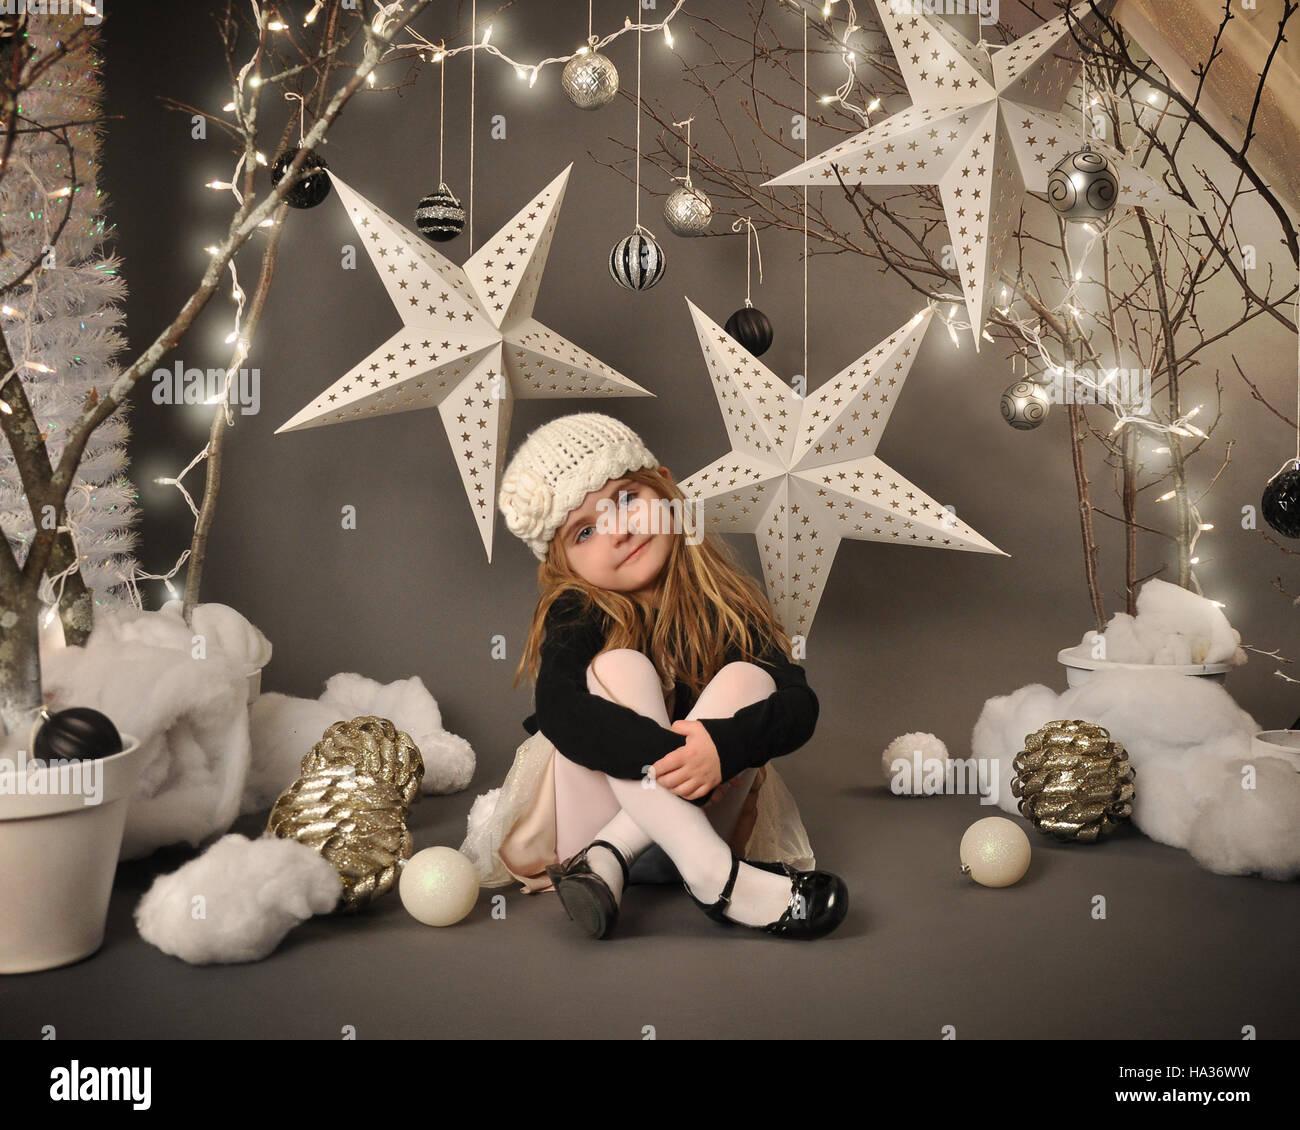 Ein kleines Mädchen sitzt hängen Sterne und Weihnachtsbeleuchtung um den Hintergrund für eine Saison oder Urlaub Con in ein Winter-Wunderland-Setip mit Bäumen, Stockfoto